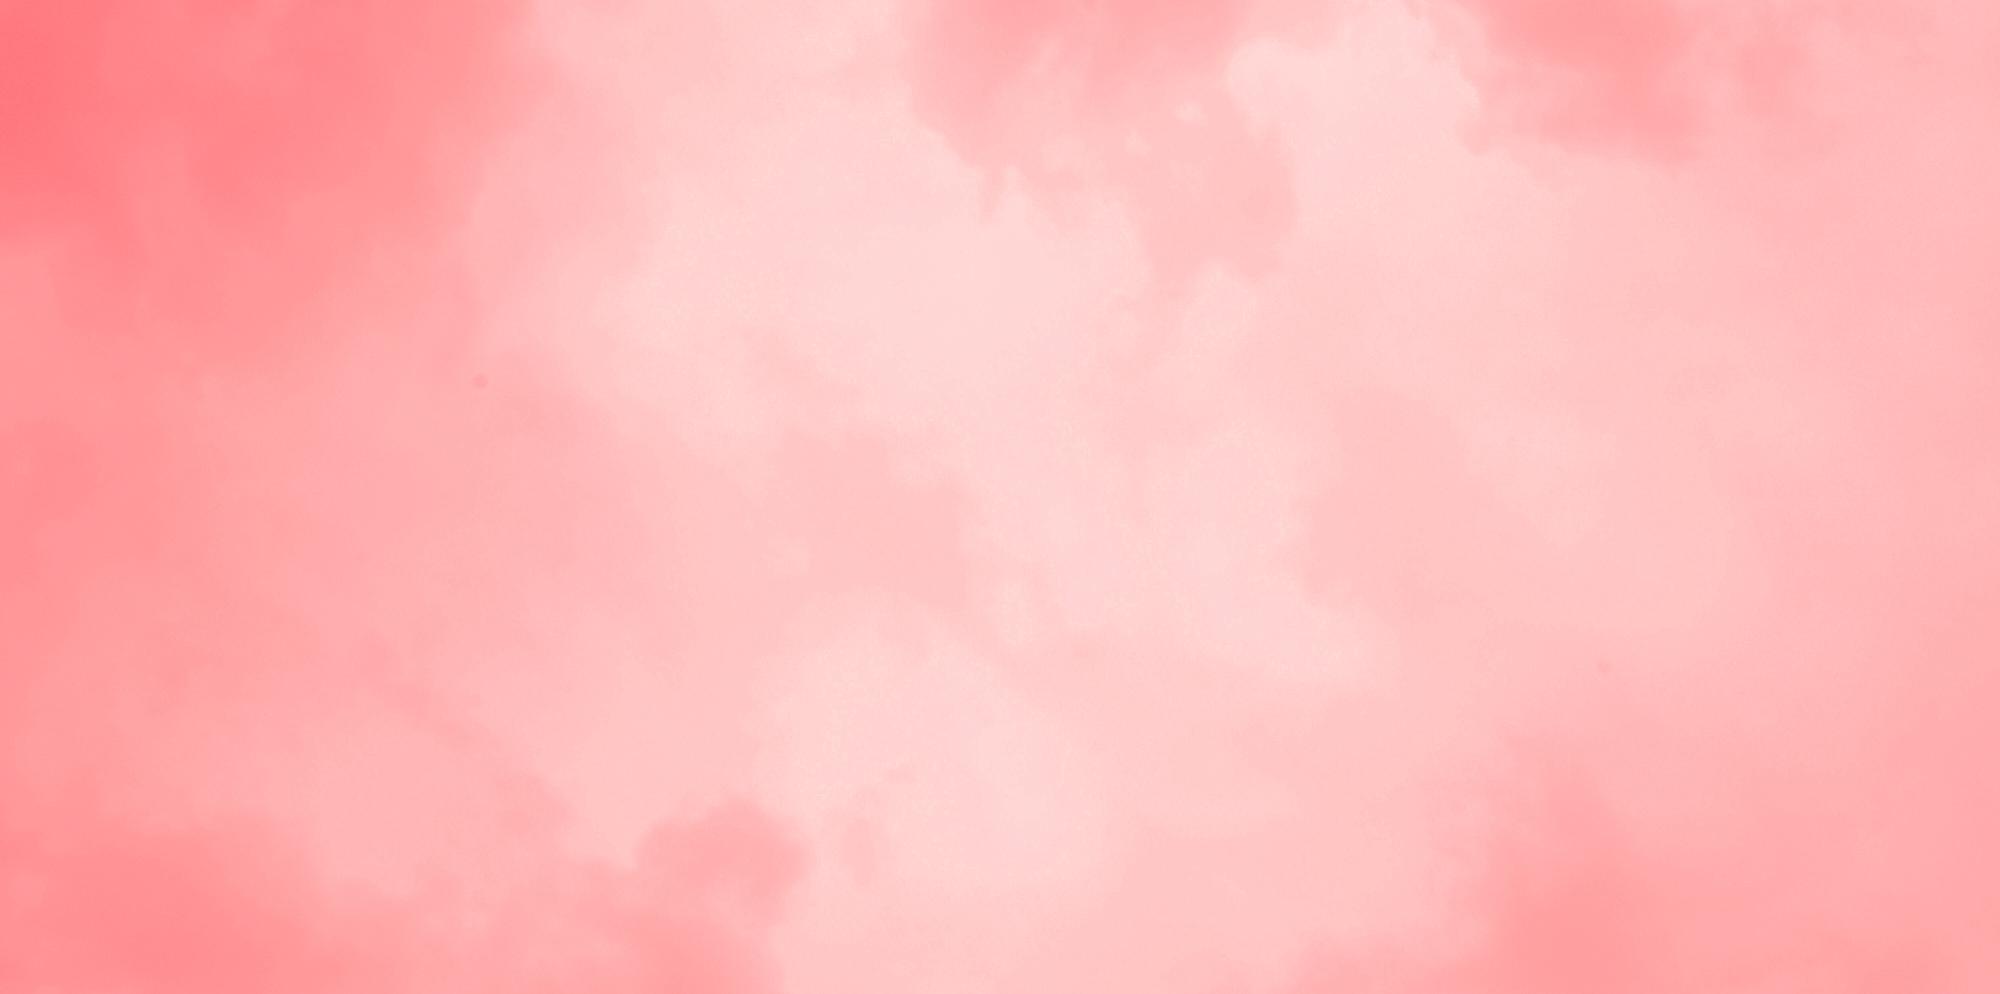 pinkclouds.jpg